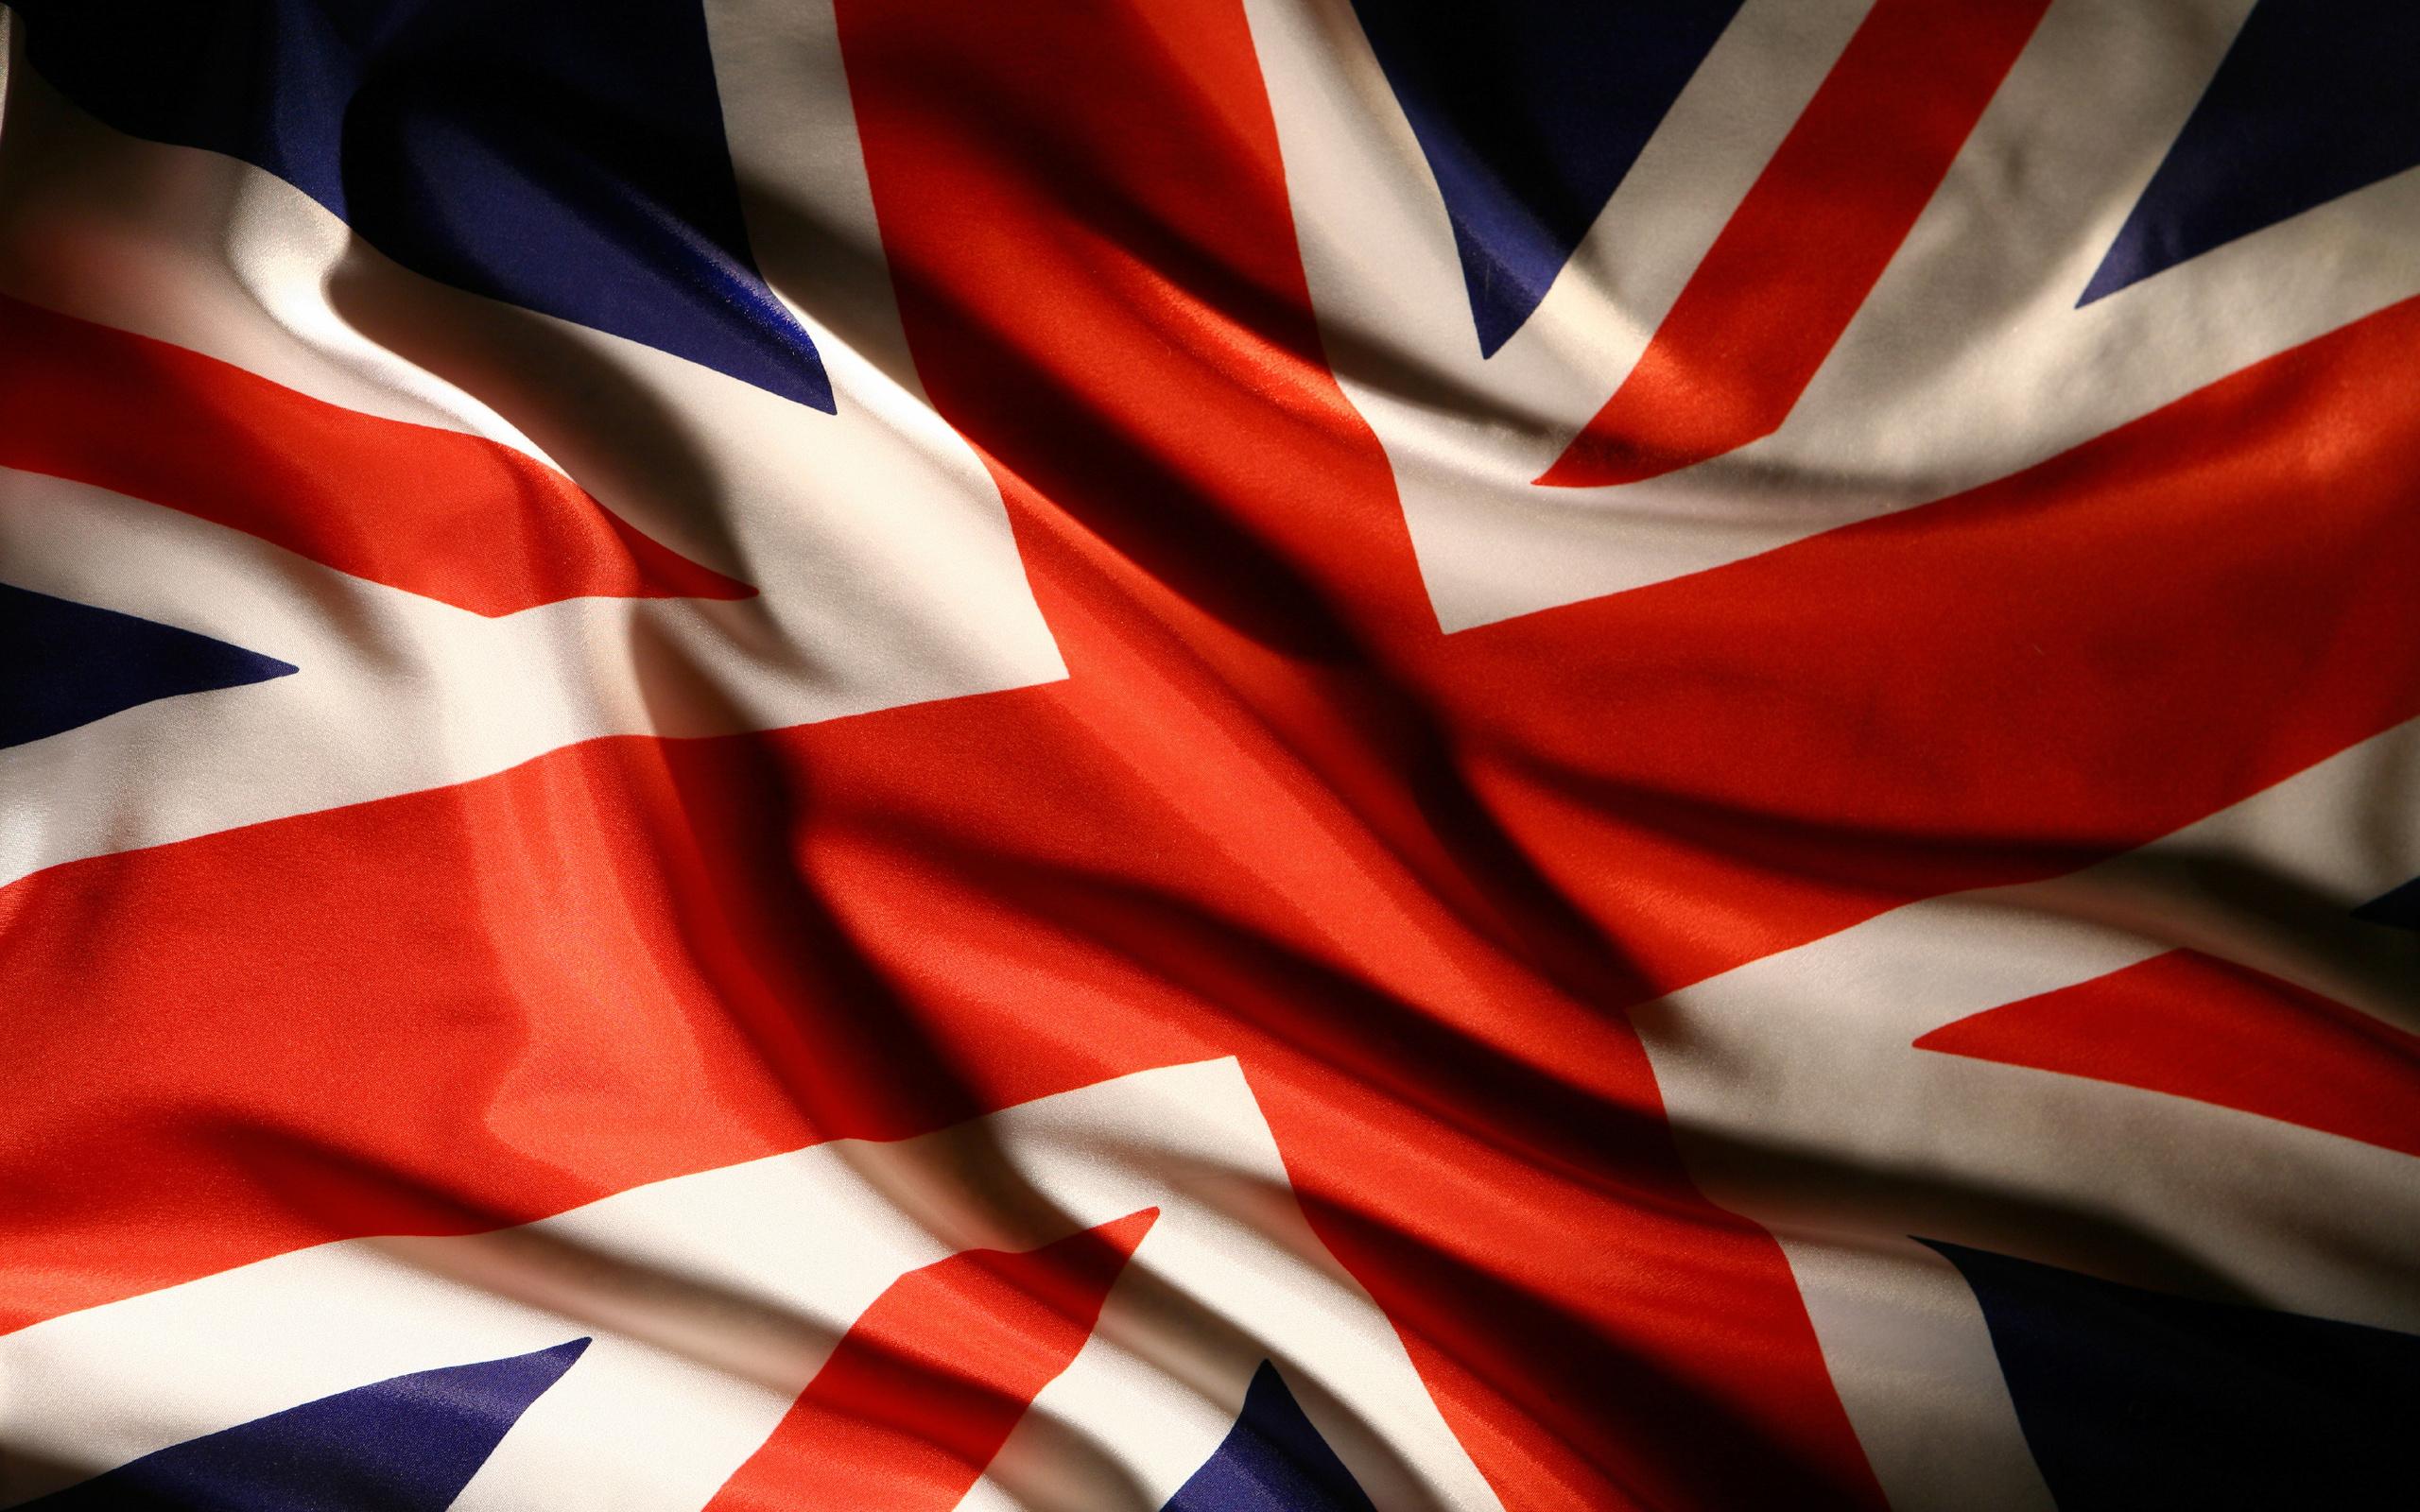 Fotos de new britain ct 22